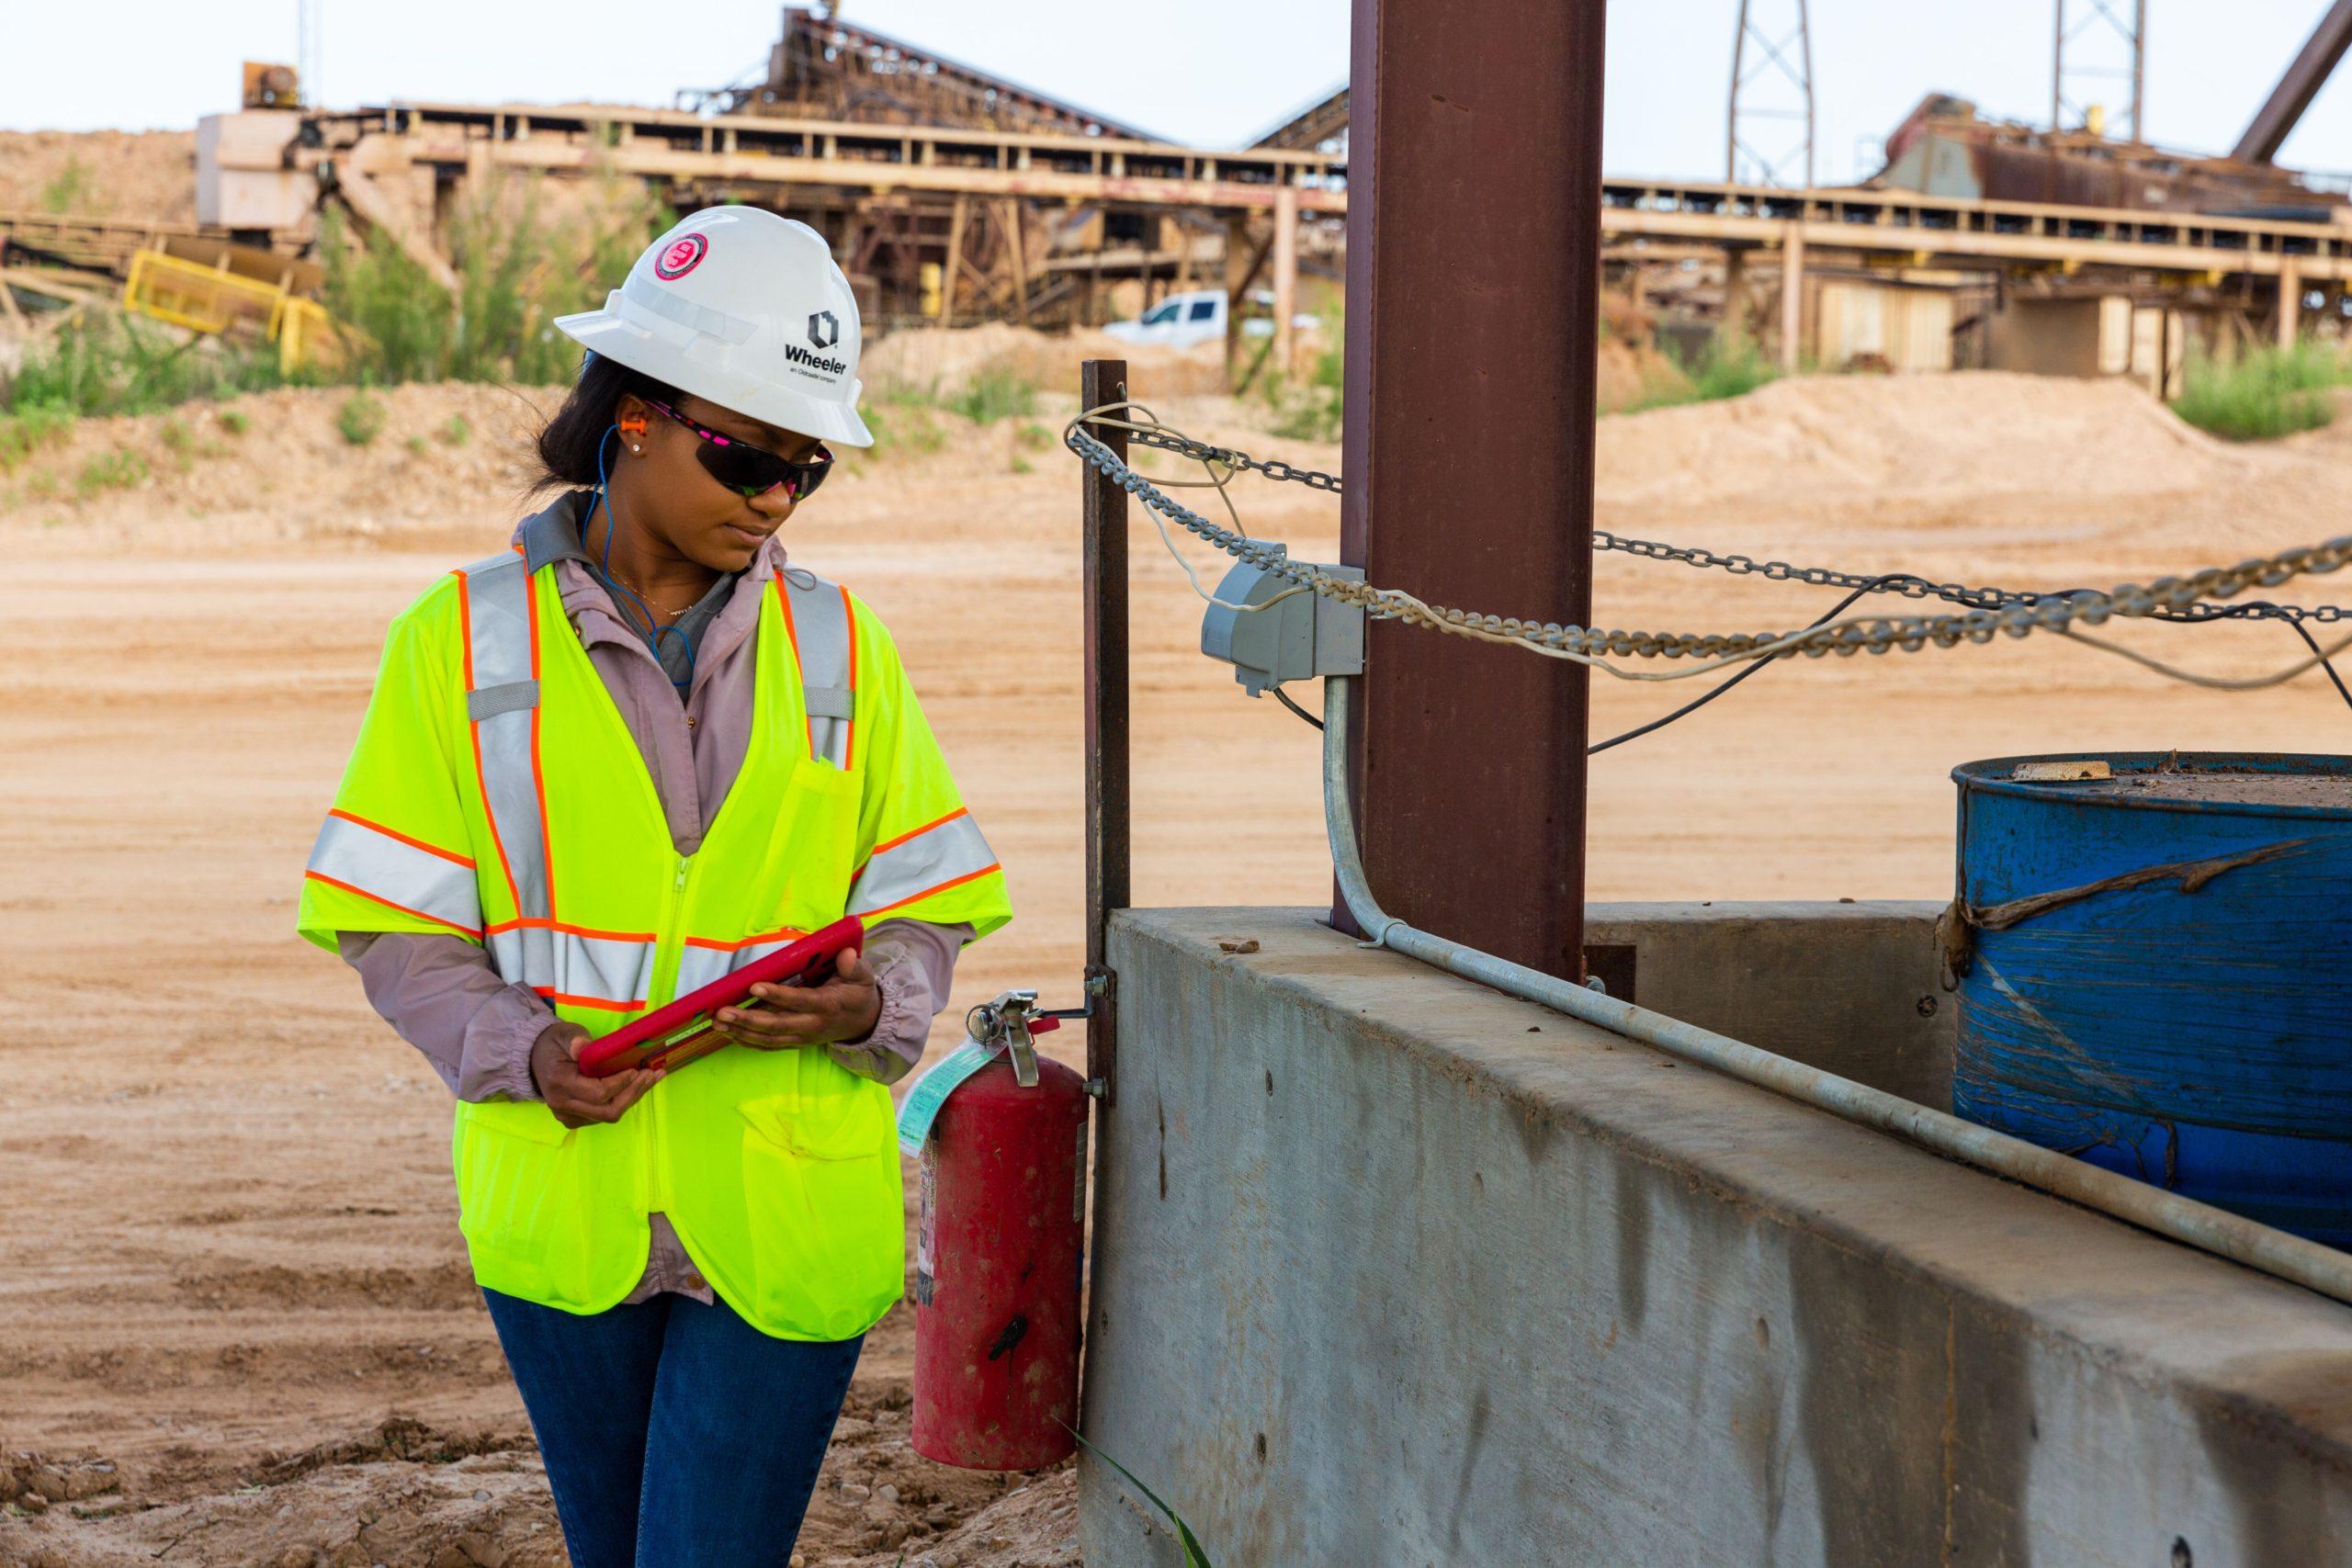 Wheeler Woman on Jobsite with Ipad